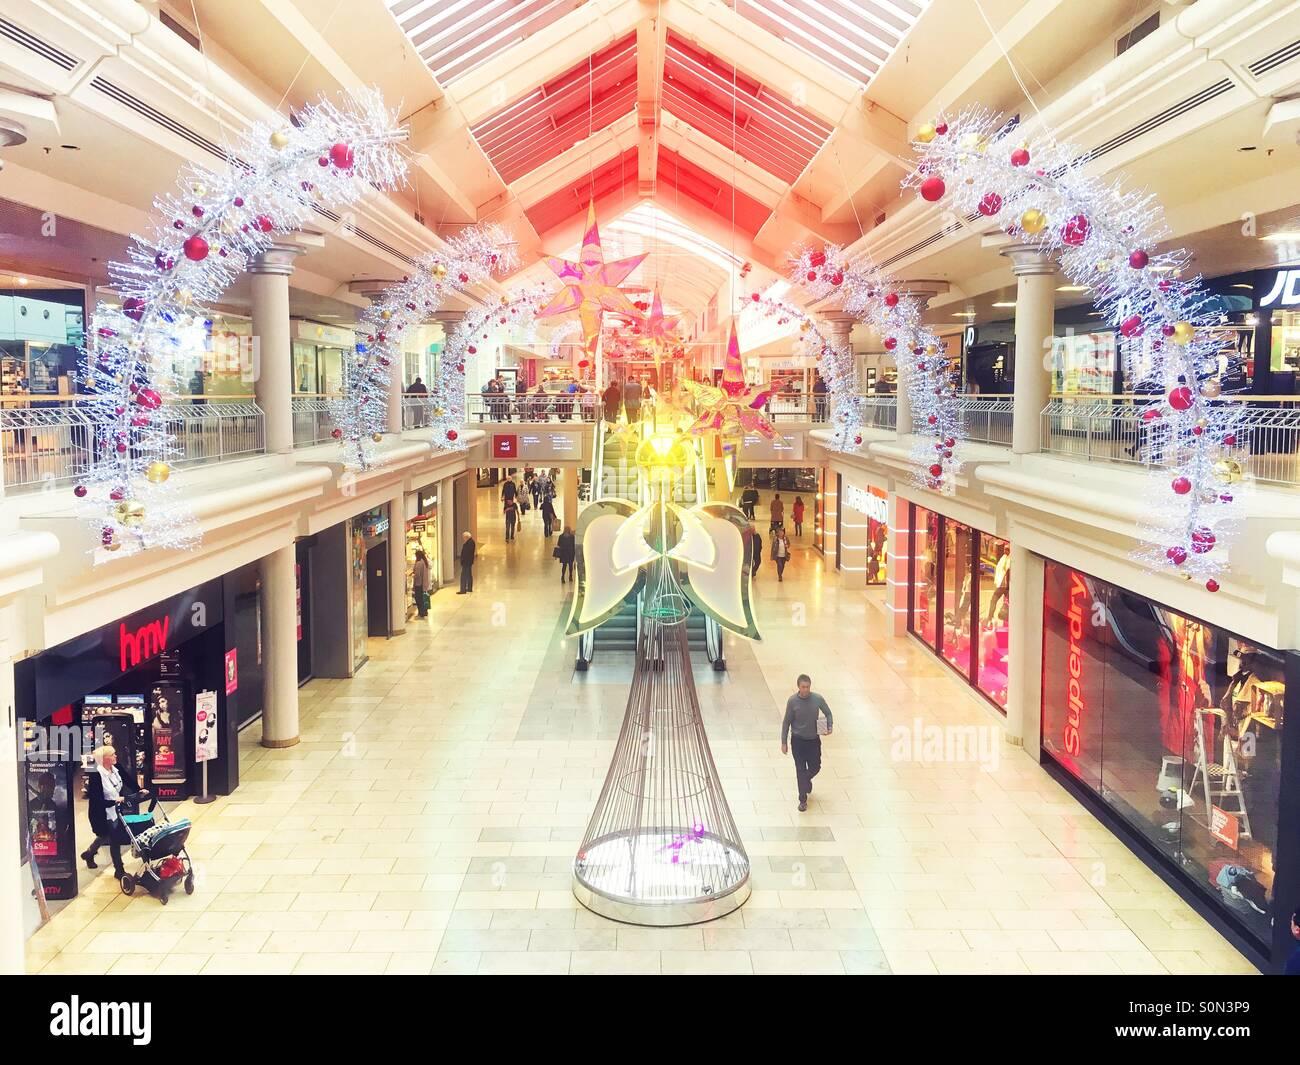 Christmas Shopping Mall - Stock Image